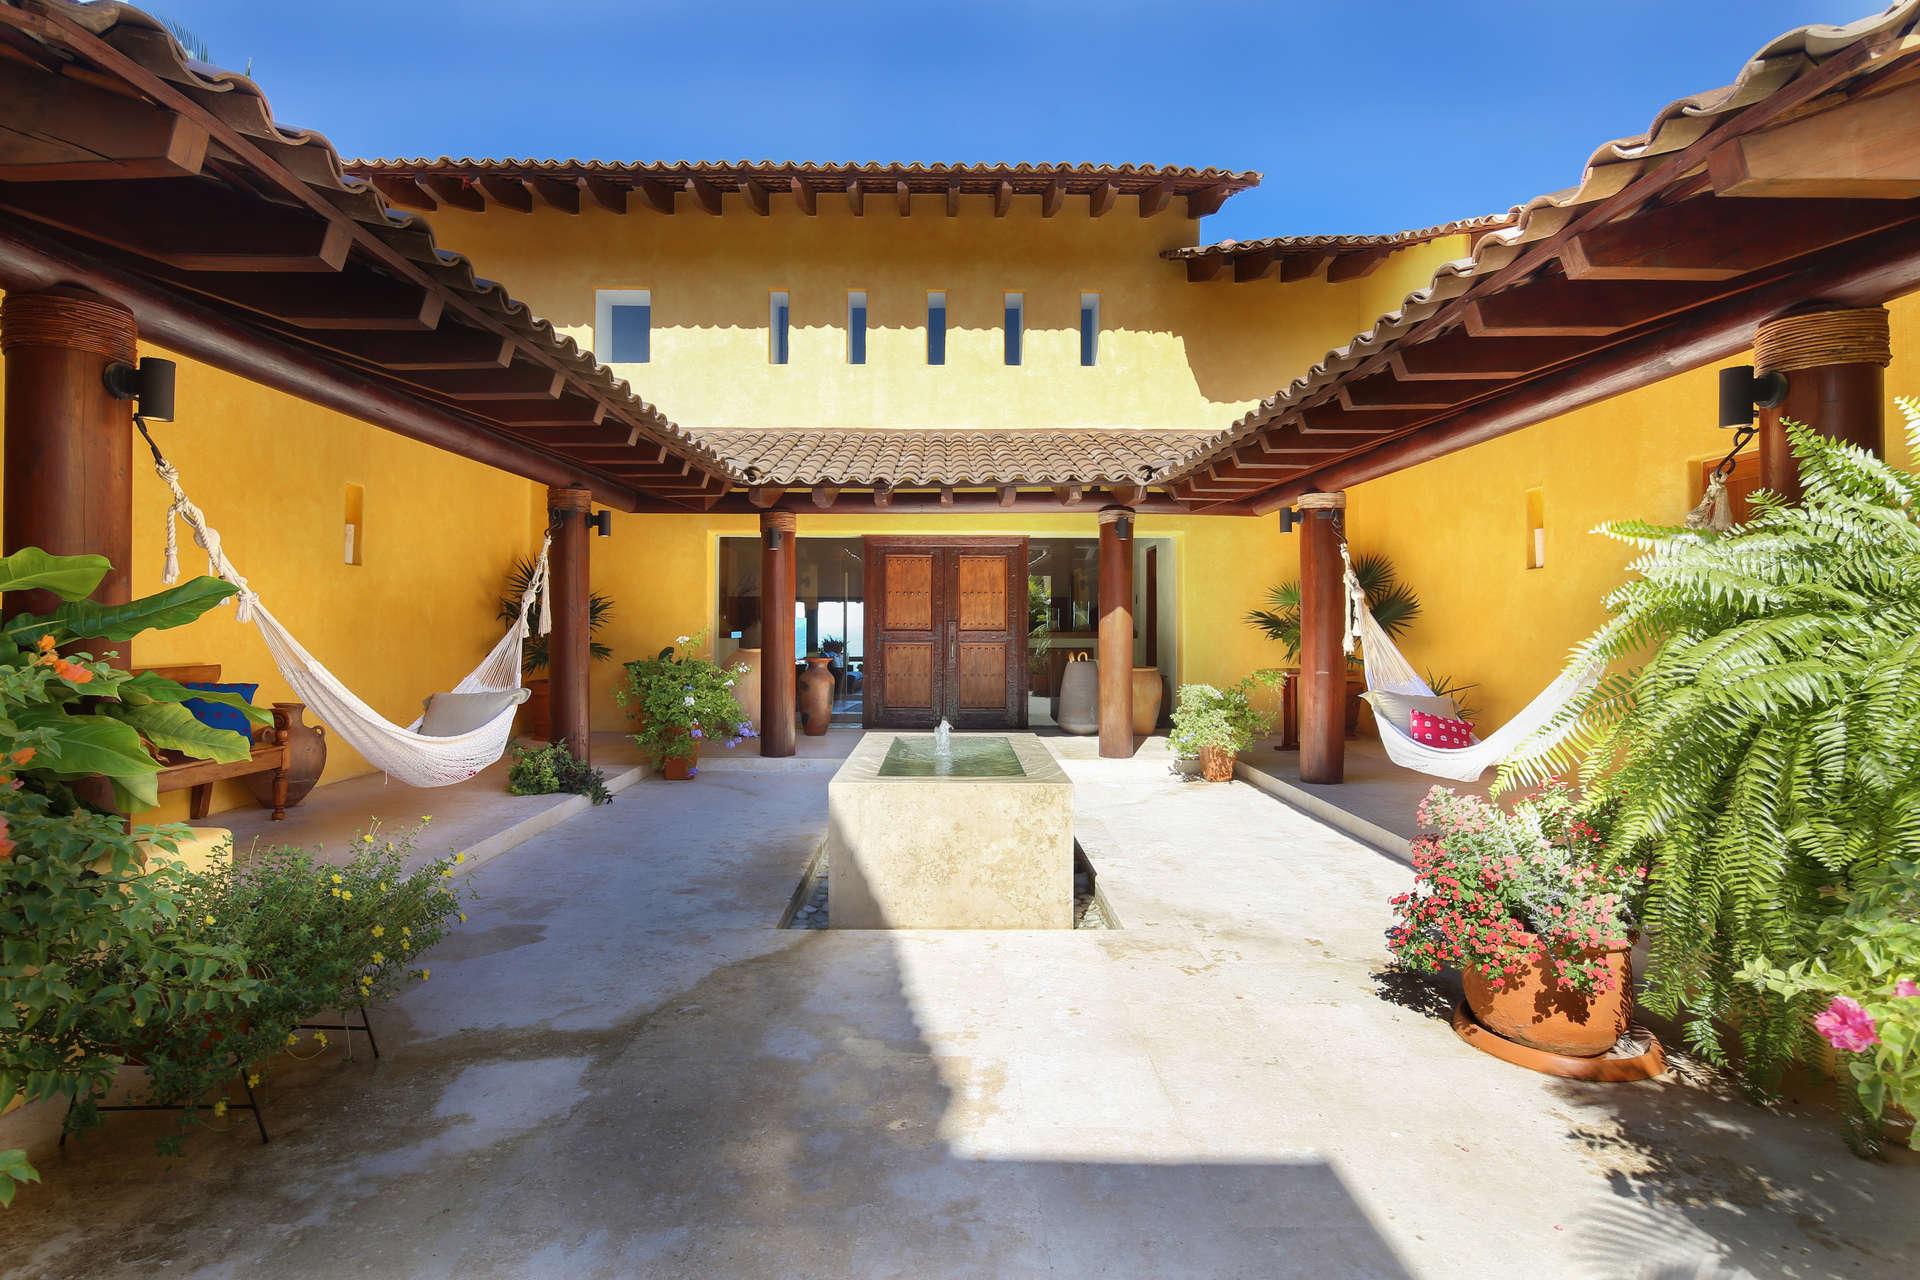 - Villa Avanti - Image 1/28